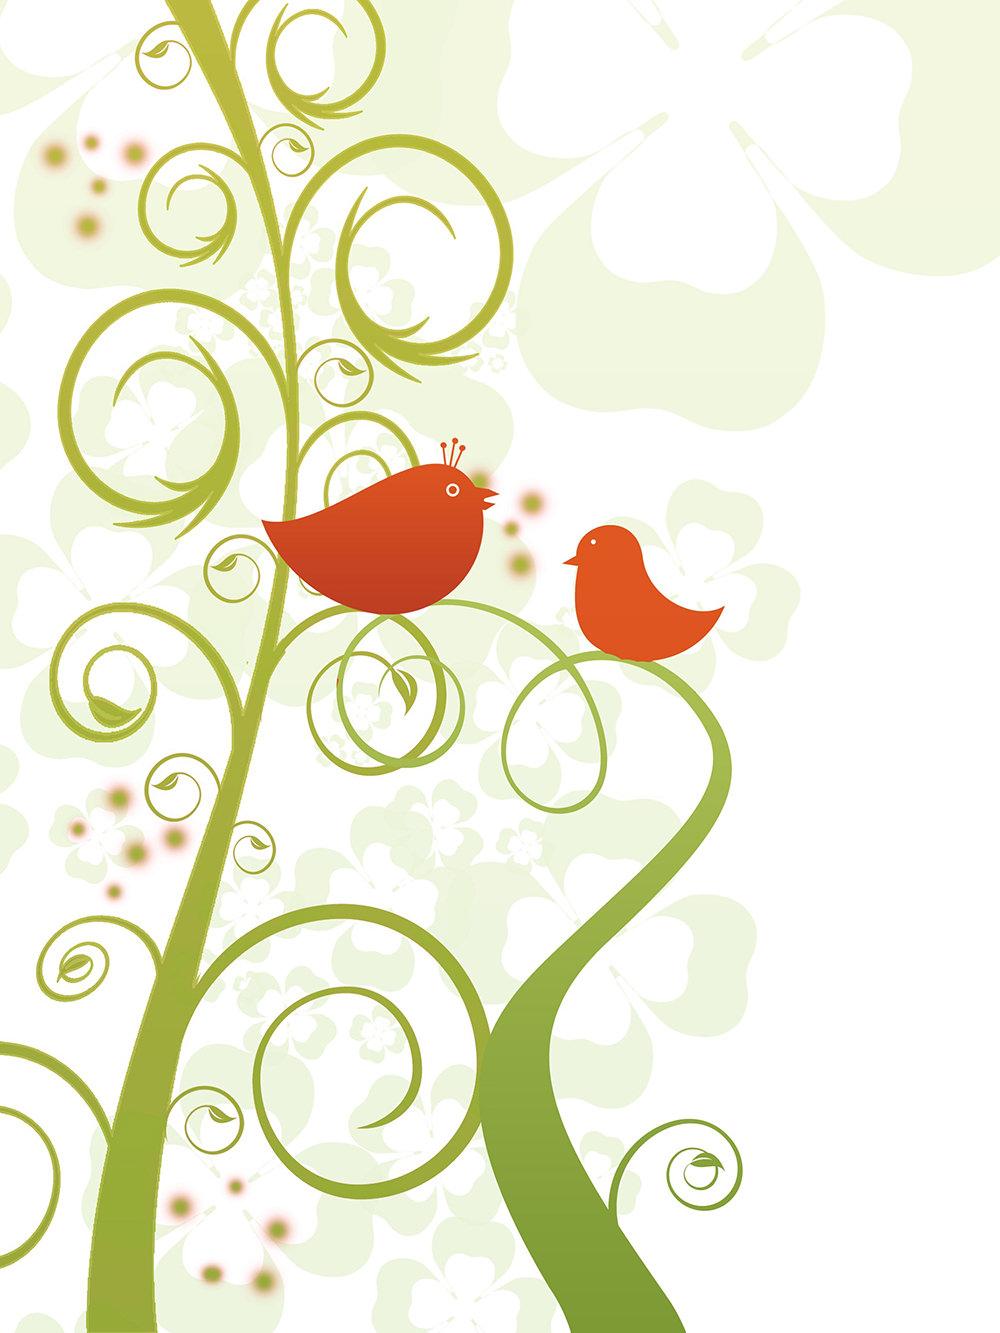 Ilustración gratis de fondo de planta y aves